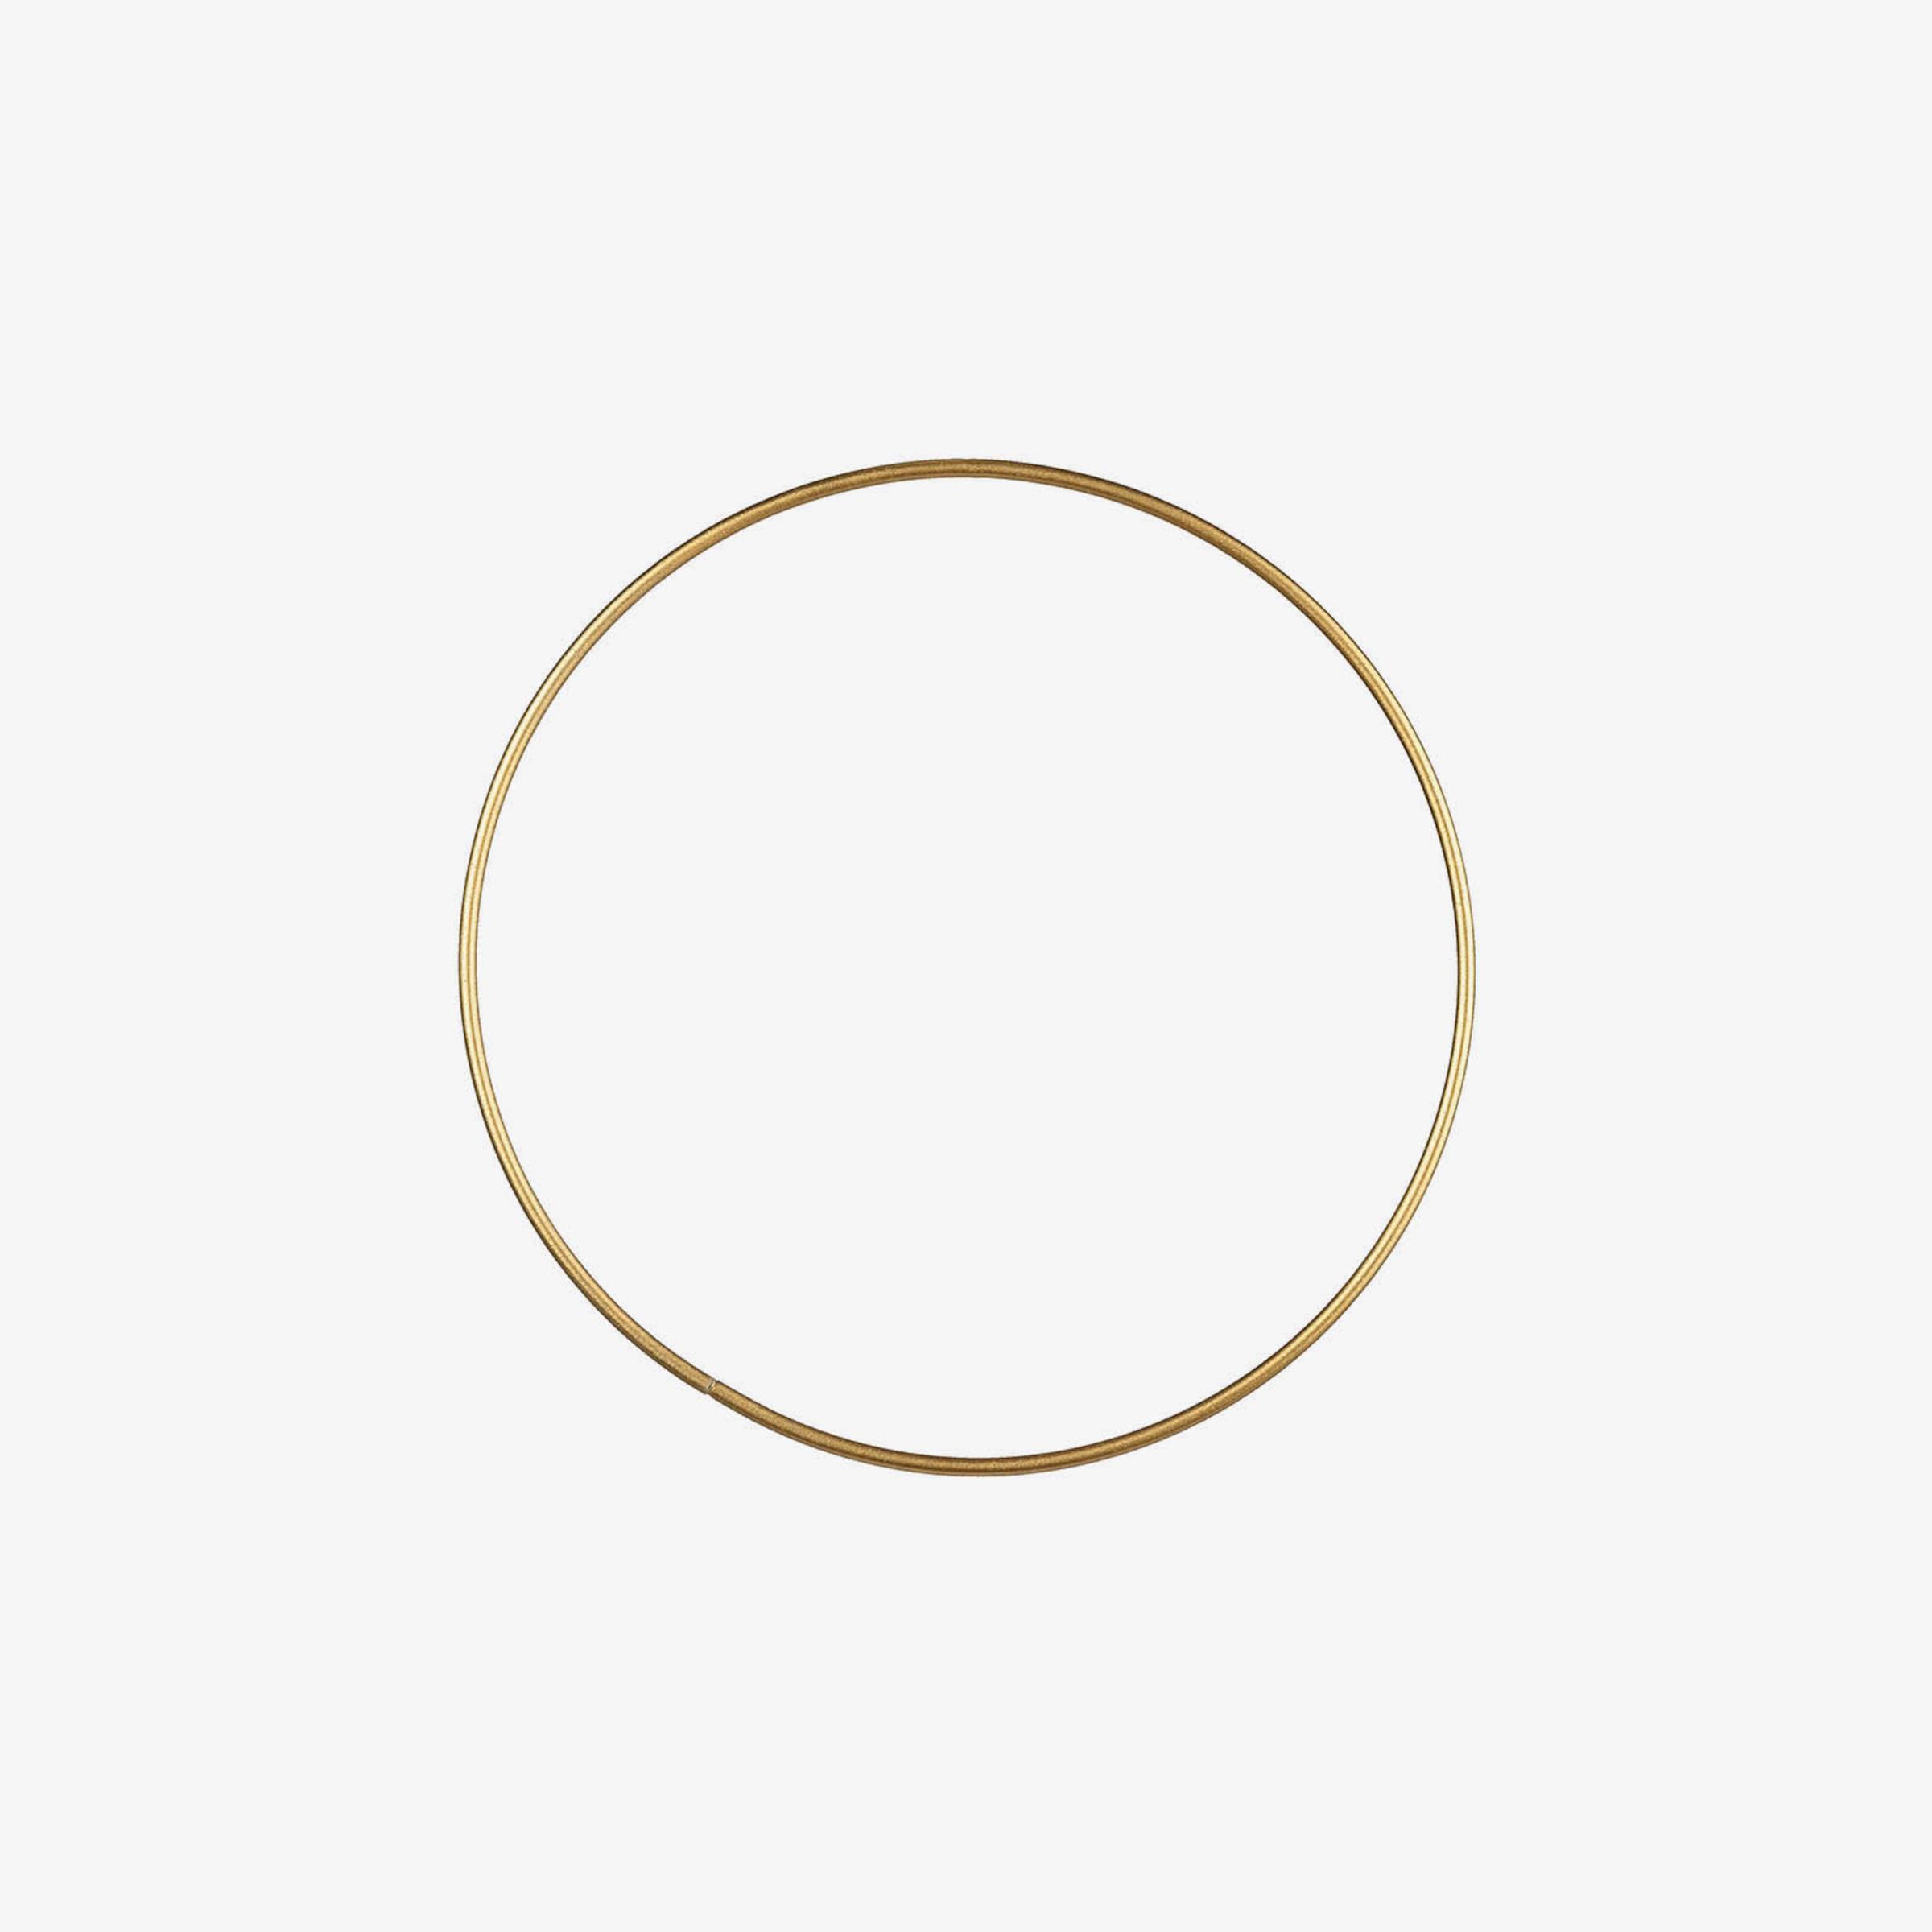 Metallring, D:18cm, gold